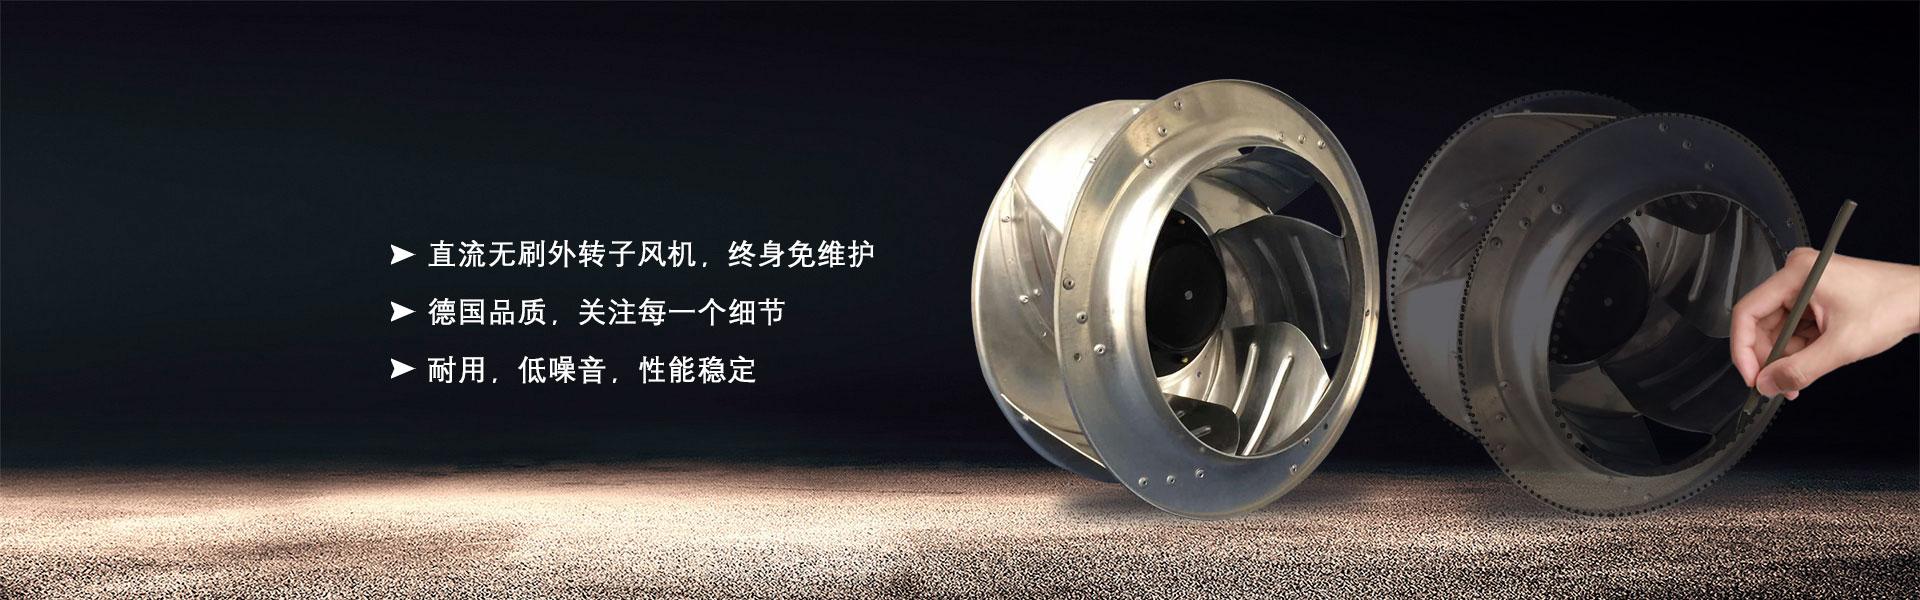 后倾式离心风机 BLDC Backward Centrifugal Fan